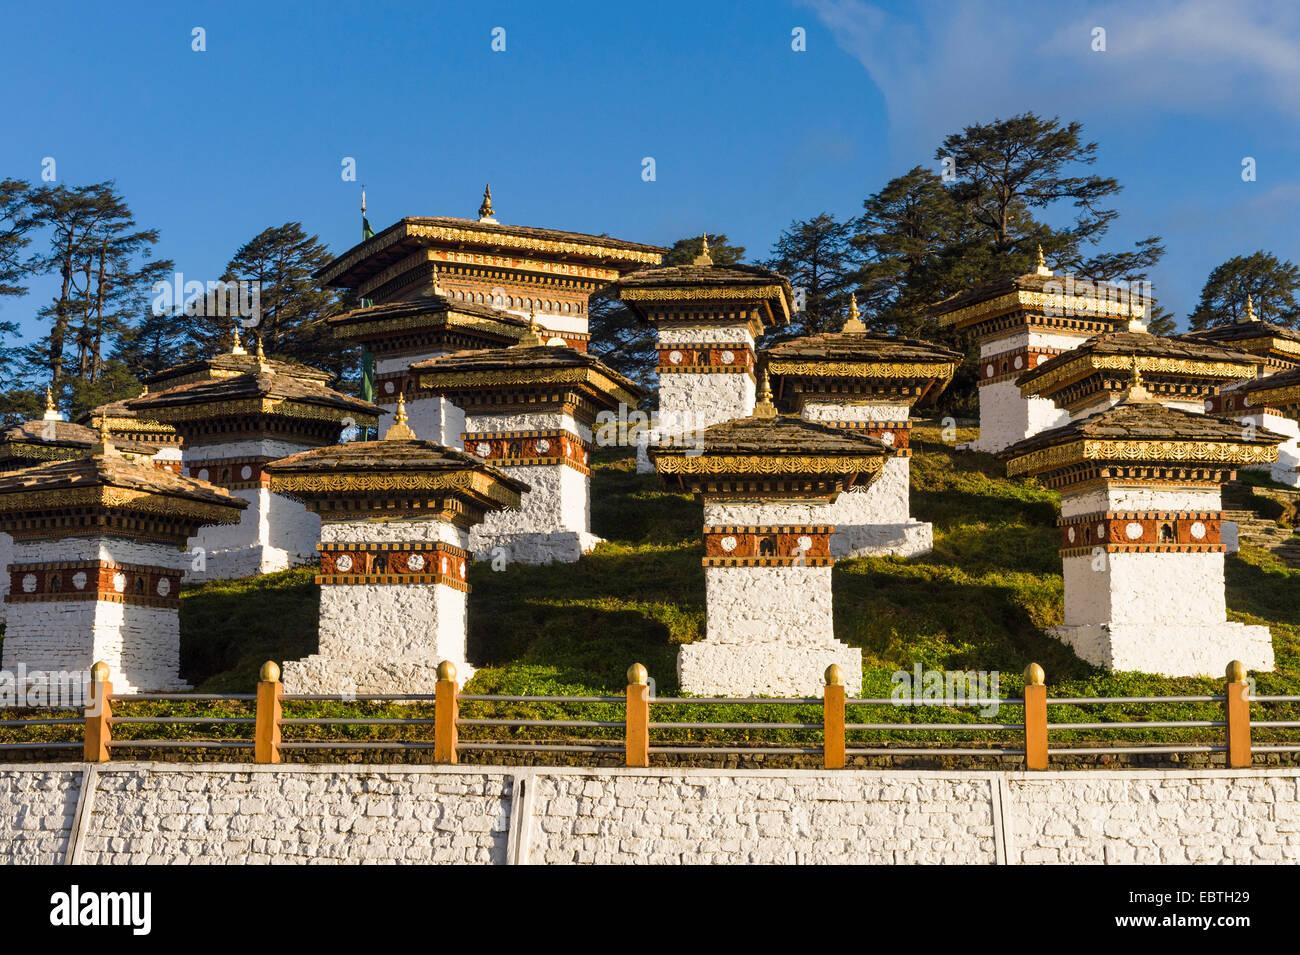 Dochula Pass, 108 chortens From Thimphu to Punakha, Bhutan - Stock Image